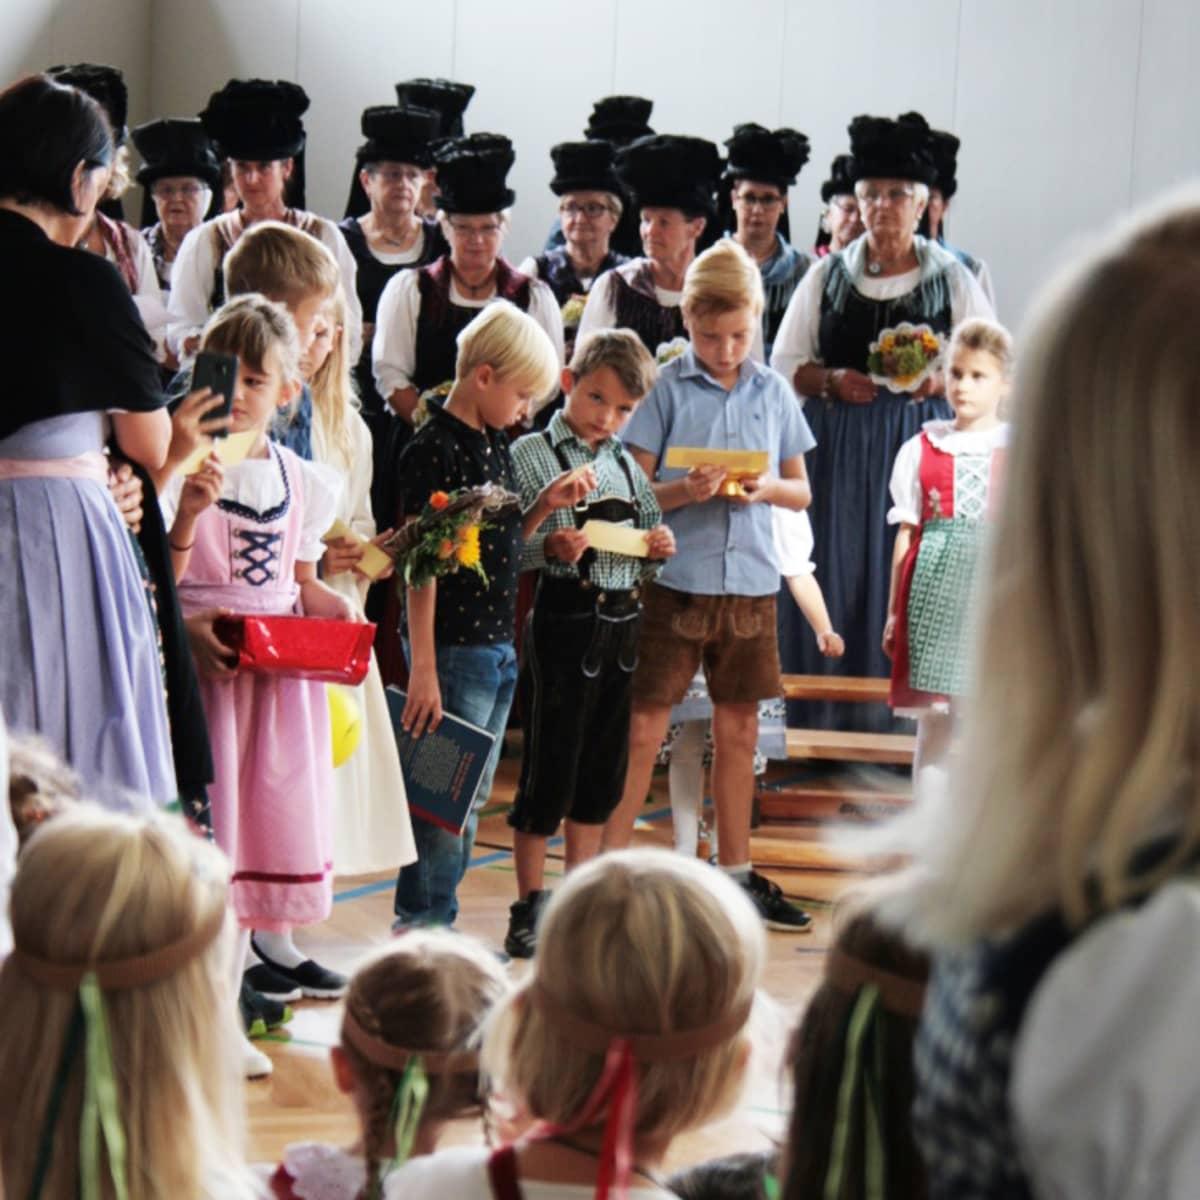 Maaseudulla kansallispuku on yhä osa tavallista juhlaperinnettä. Wienissä se yhdistetään helposti äärioikeistolaiseen ideologiaan. Glaneggissä paikalliset ovat pukeutuneet parhaimpiinsa sadonkorjuujuhlaa varten.